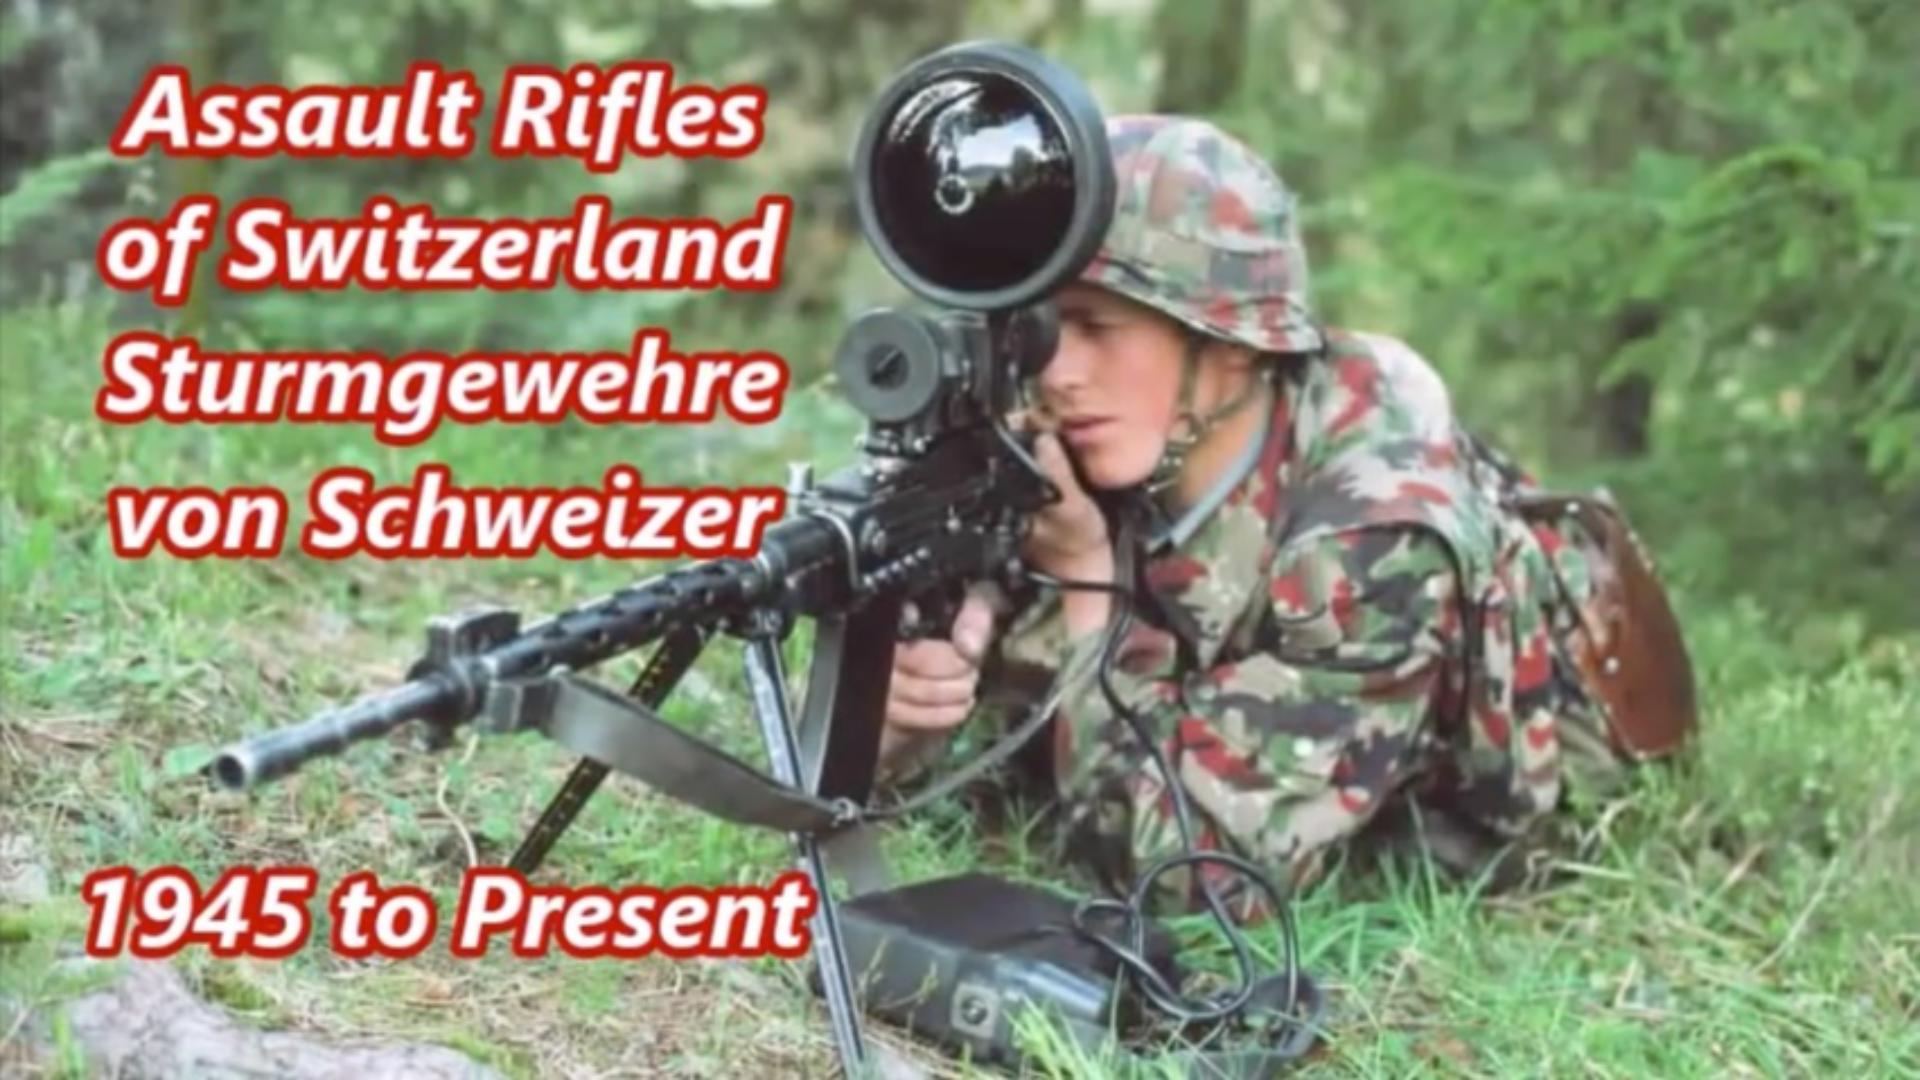 瑞士战斗步枪和突击步枪的历史发展(1945年-今)